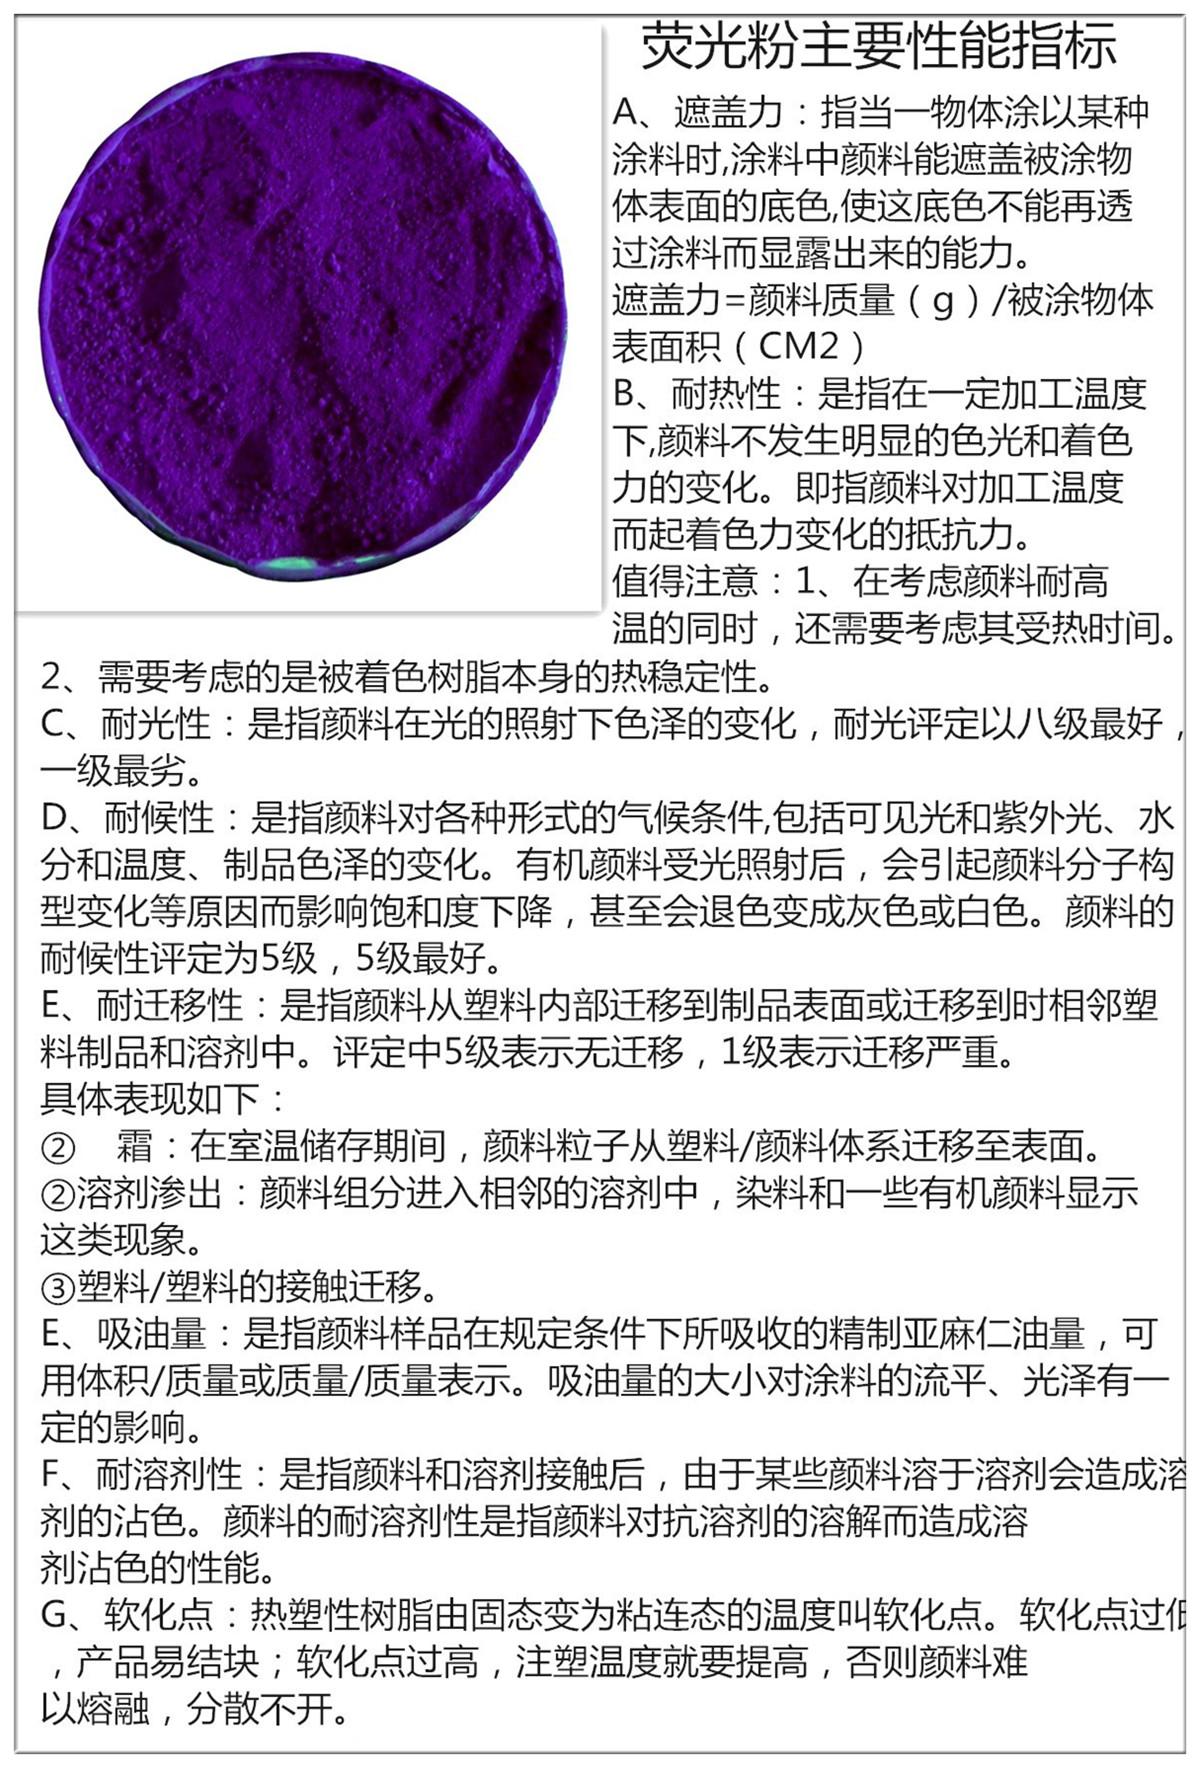 荧光粉技术指标.jpg